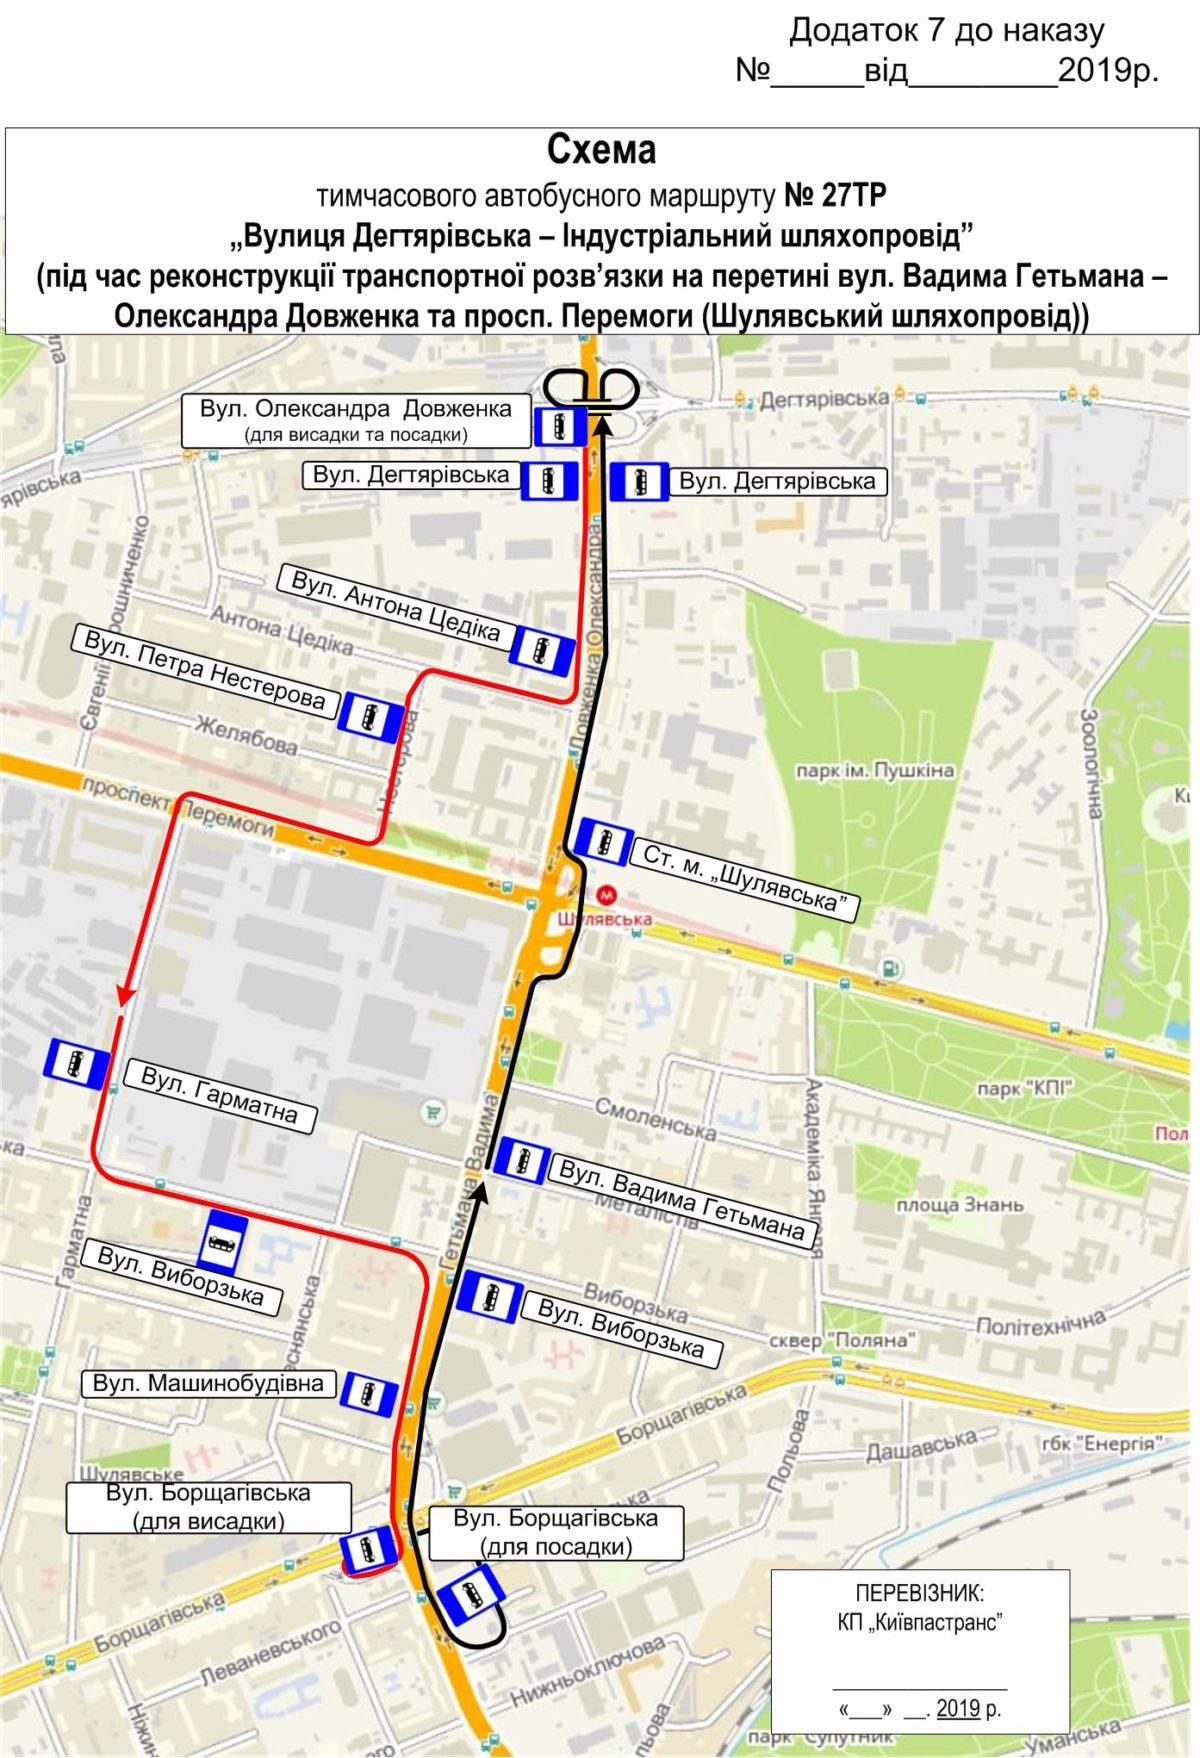 В связи с реконструкцией изменят маршрут и автобусы №27тр